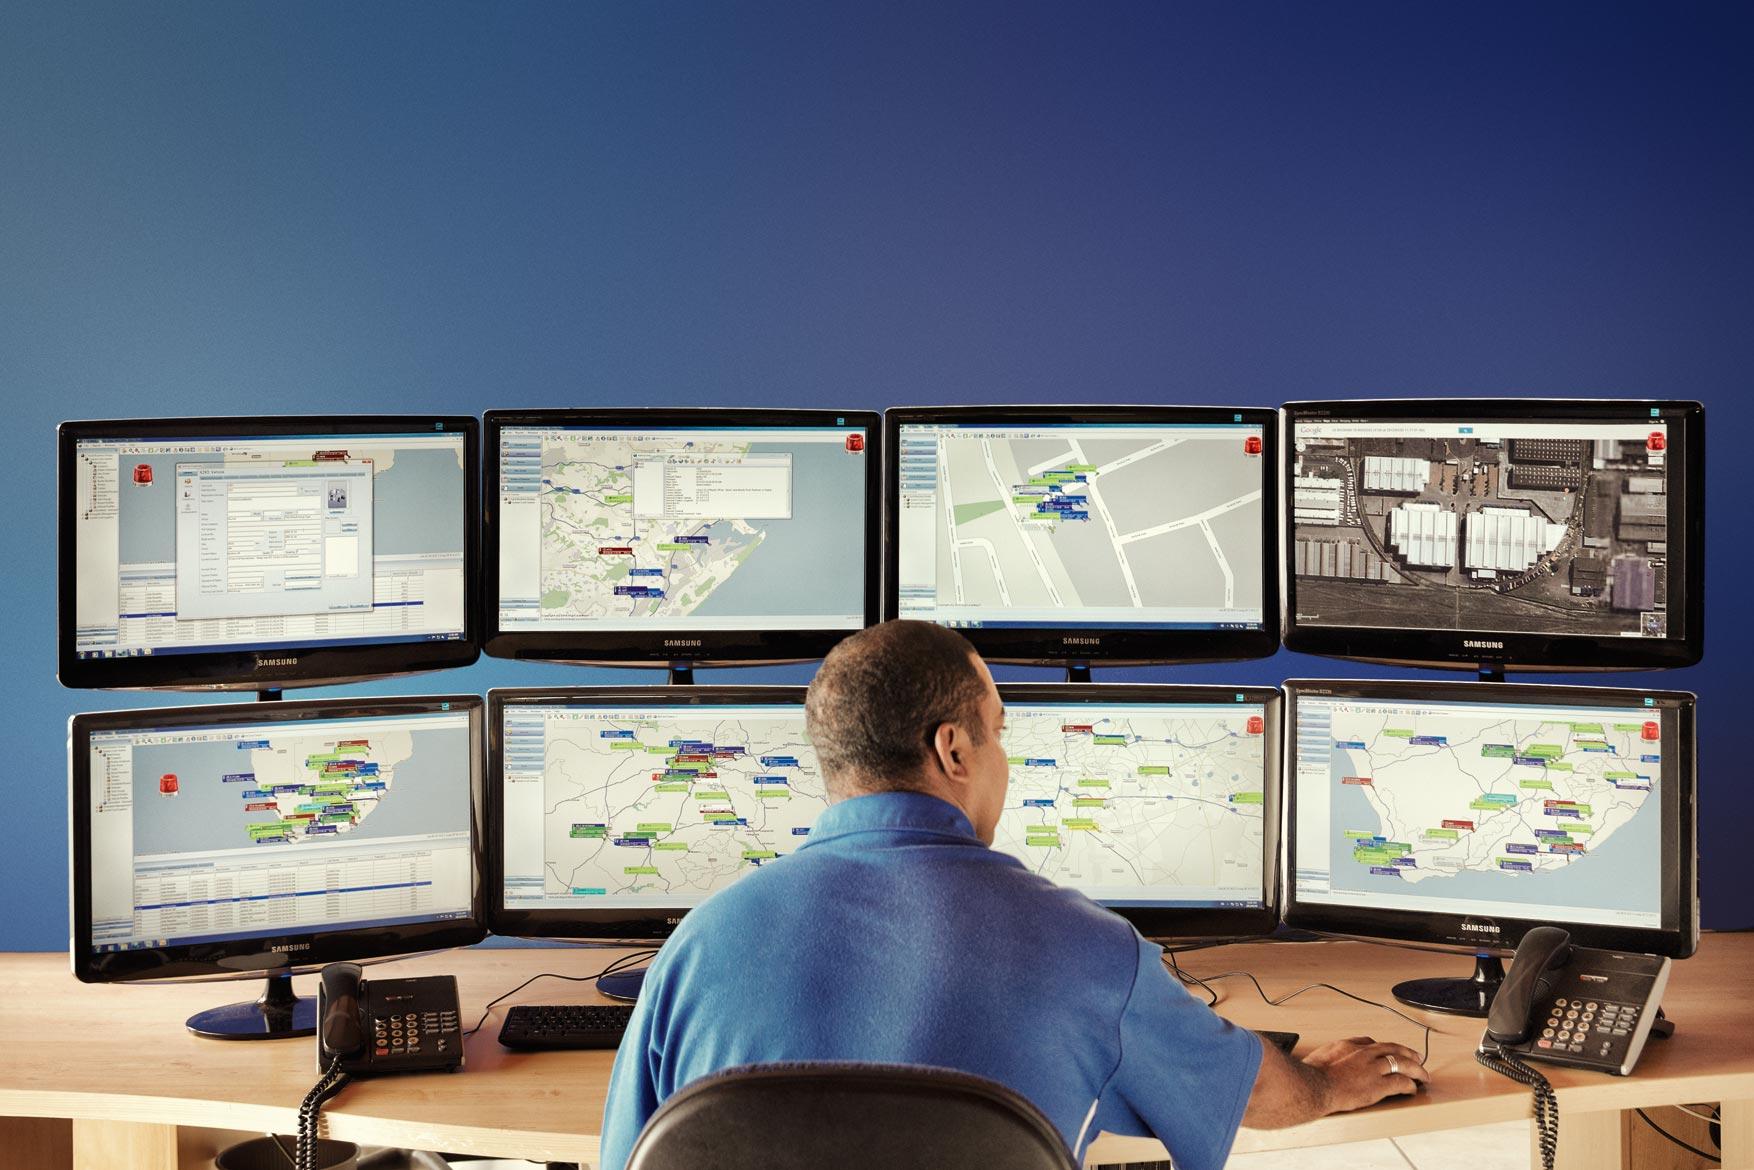 Requisitos y funcionales de un software telemático de la gestión de la flota de vehículos